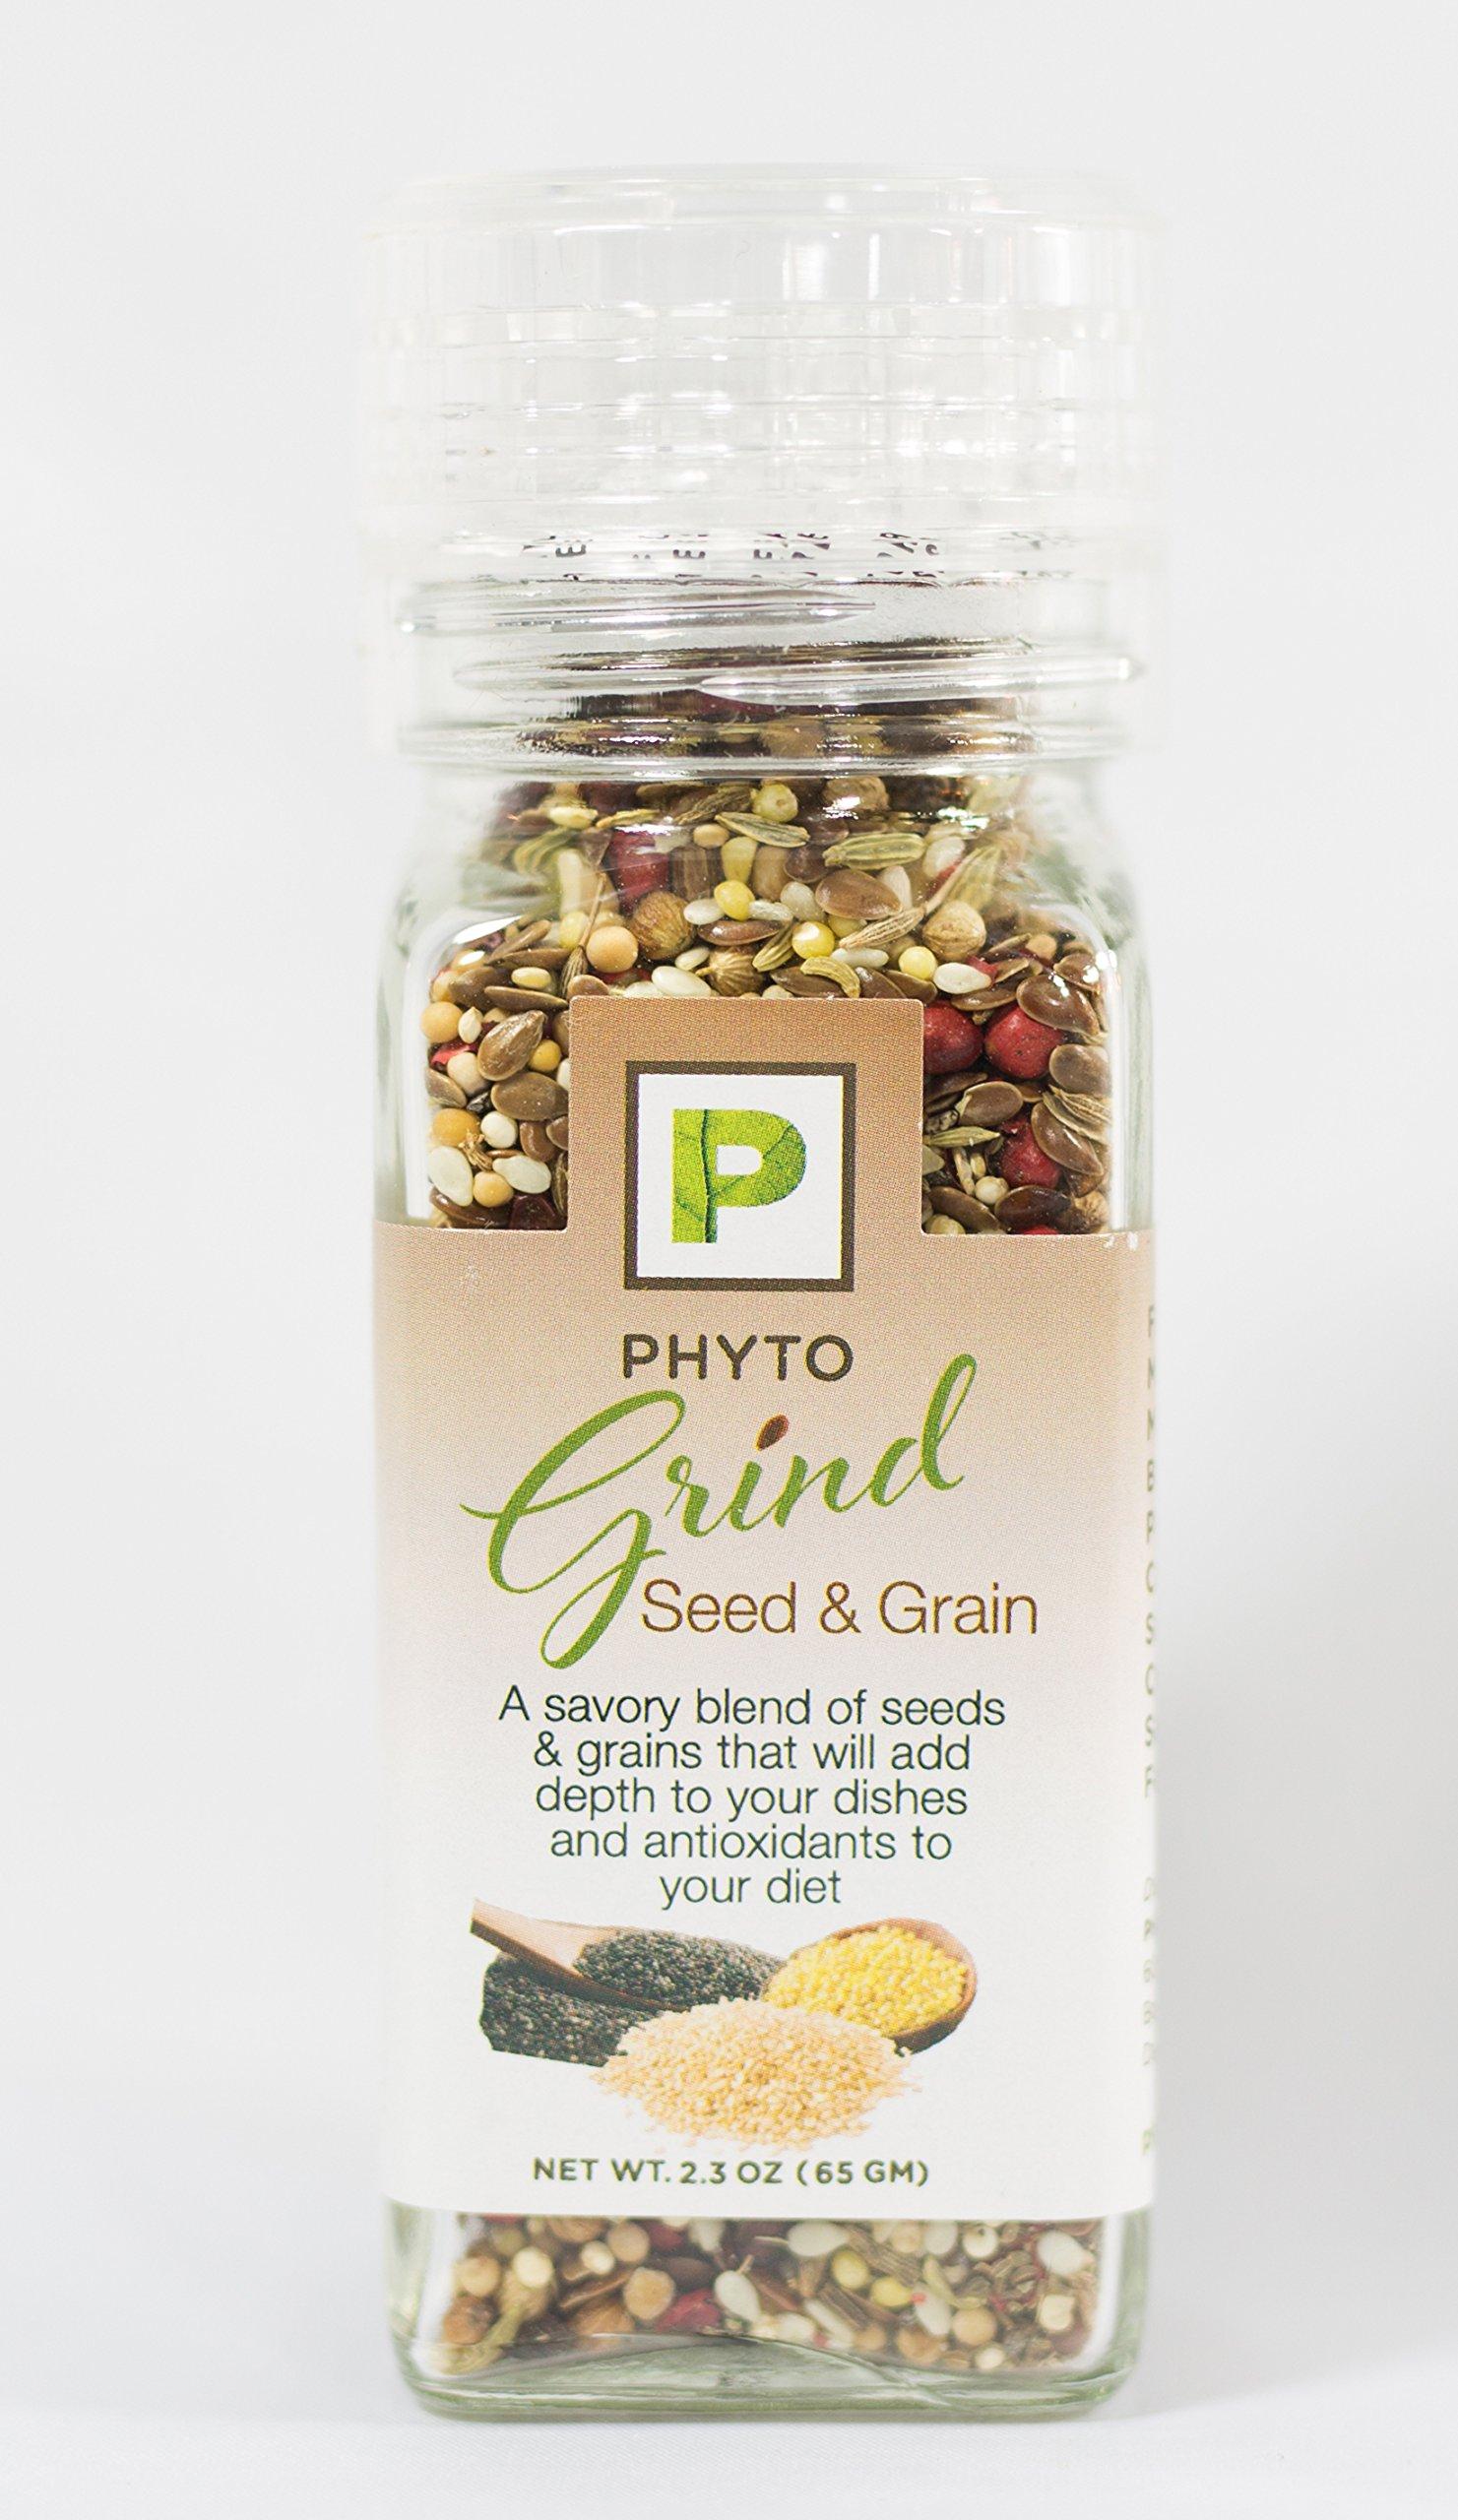 PhytoGrind Seed & Grain Blend